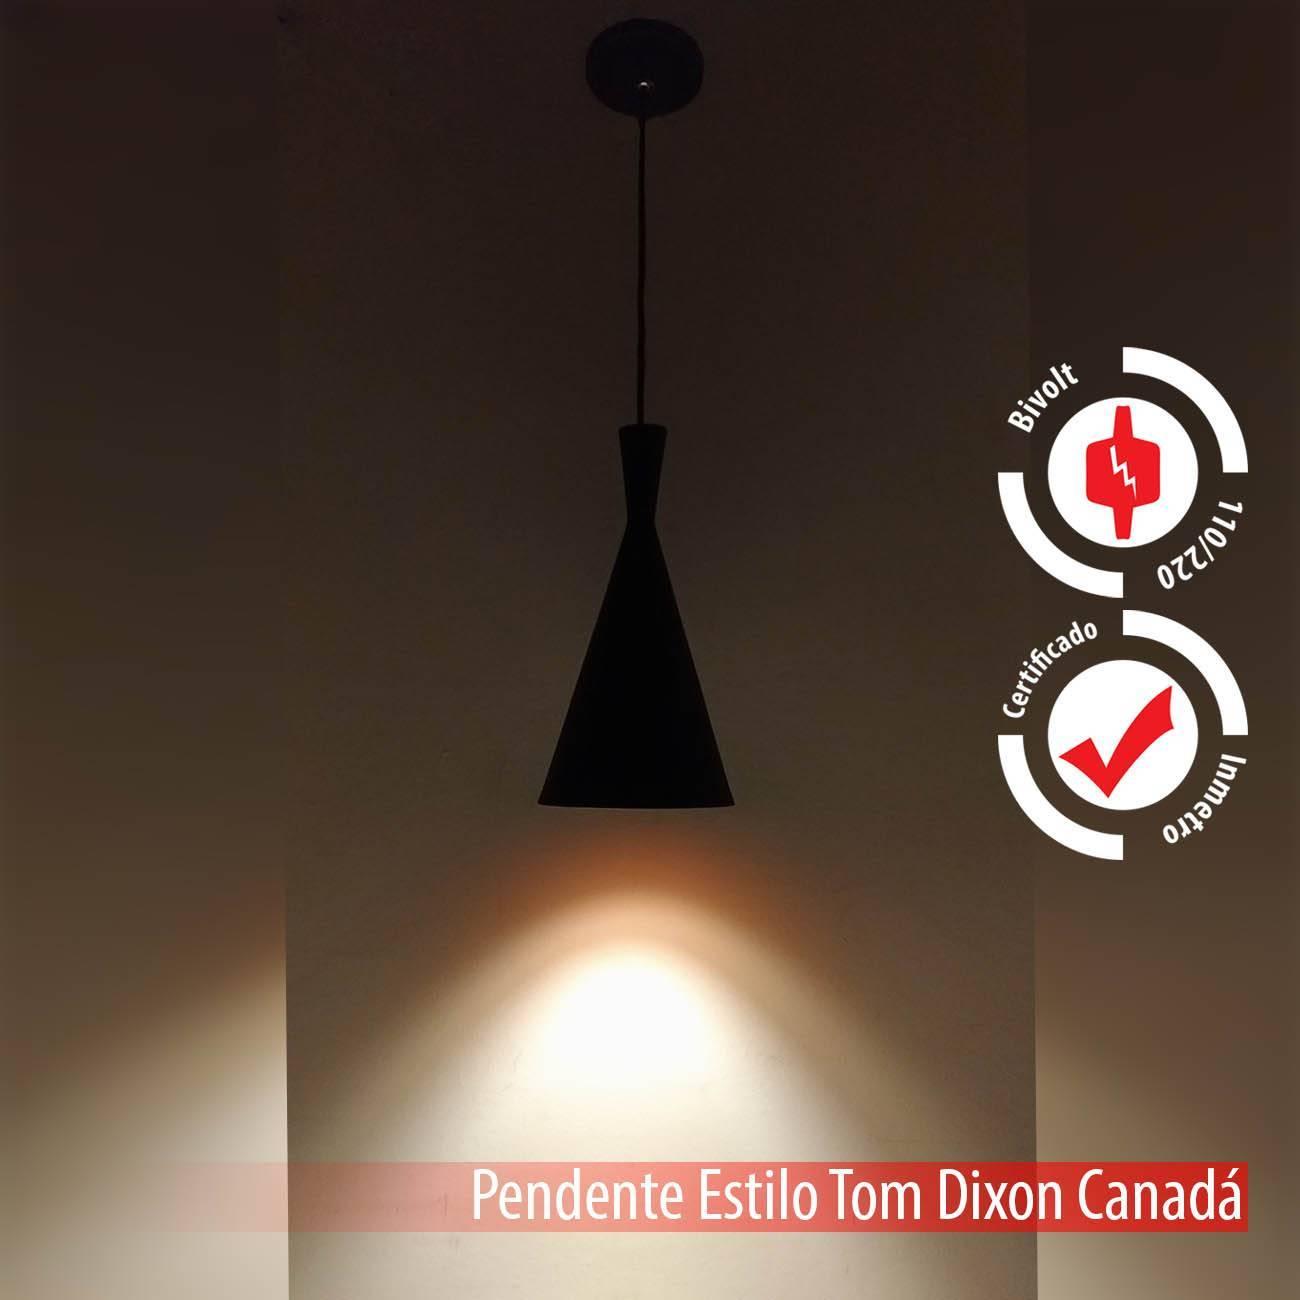 Pendente Tom Dixon Preto E Cobre Canadá Alumínio E27 - LCGELETRO